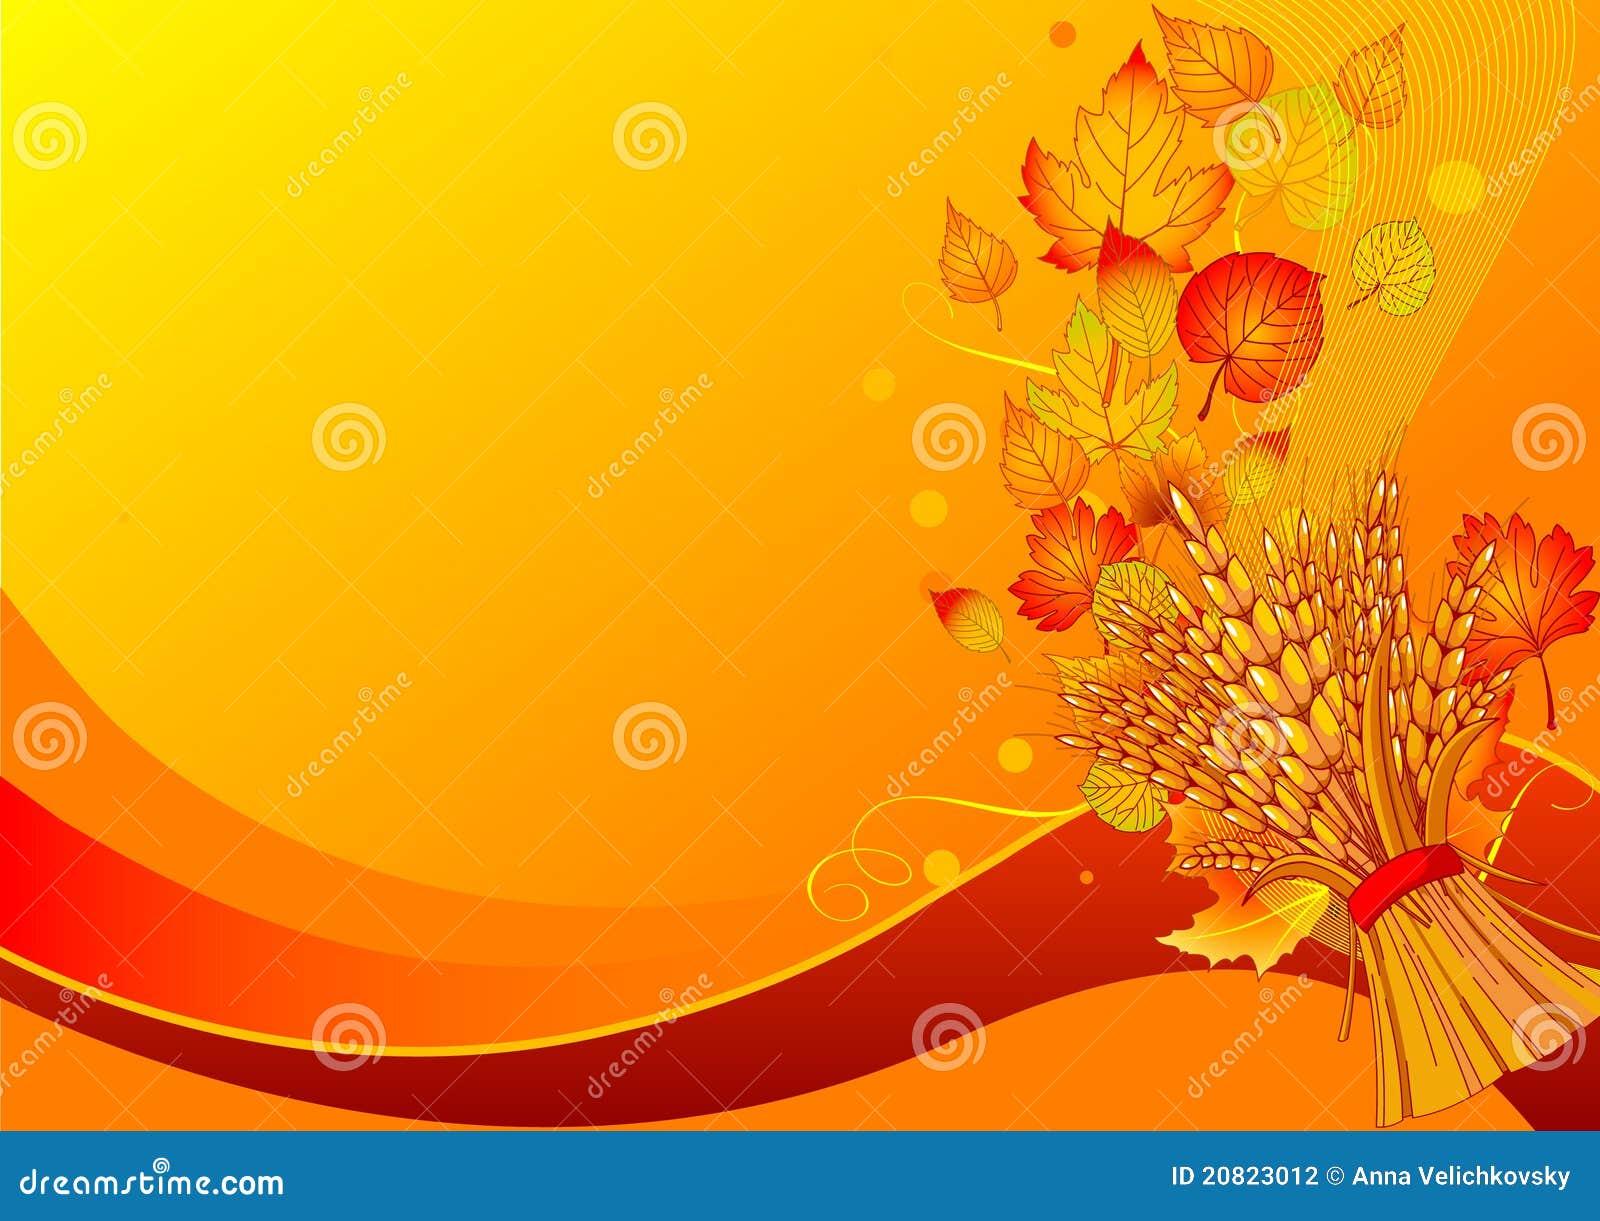 Harvest background Harvest Background